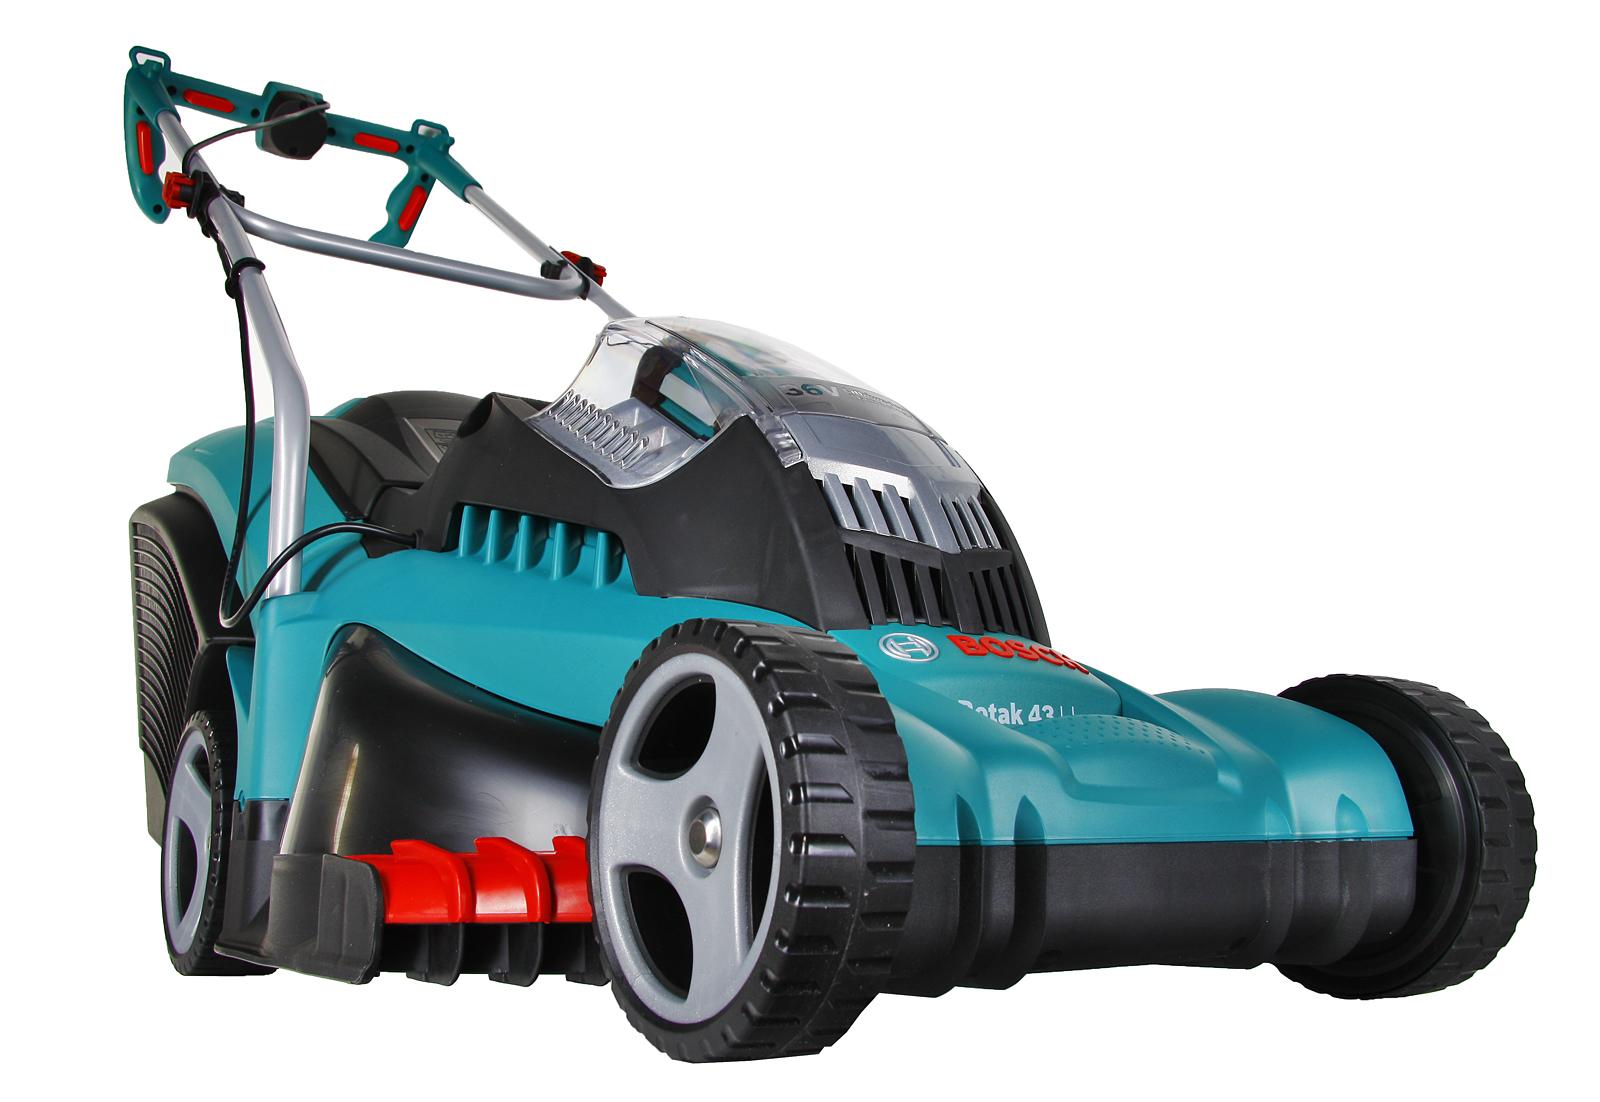 цена на Аккумуляторная газонокосилка Bosch Rotak 43 li (0.600.8a4.507)